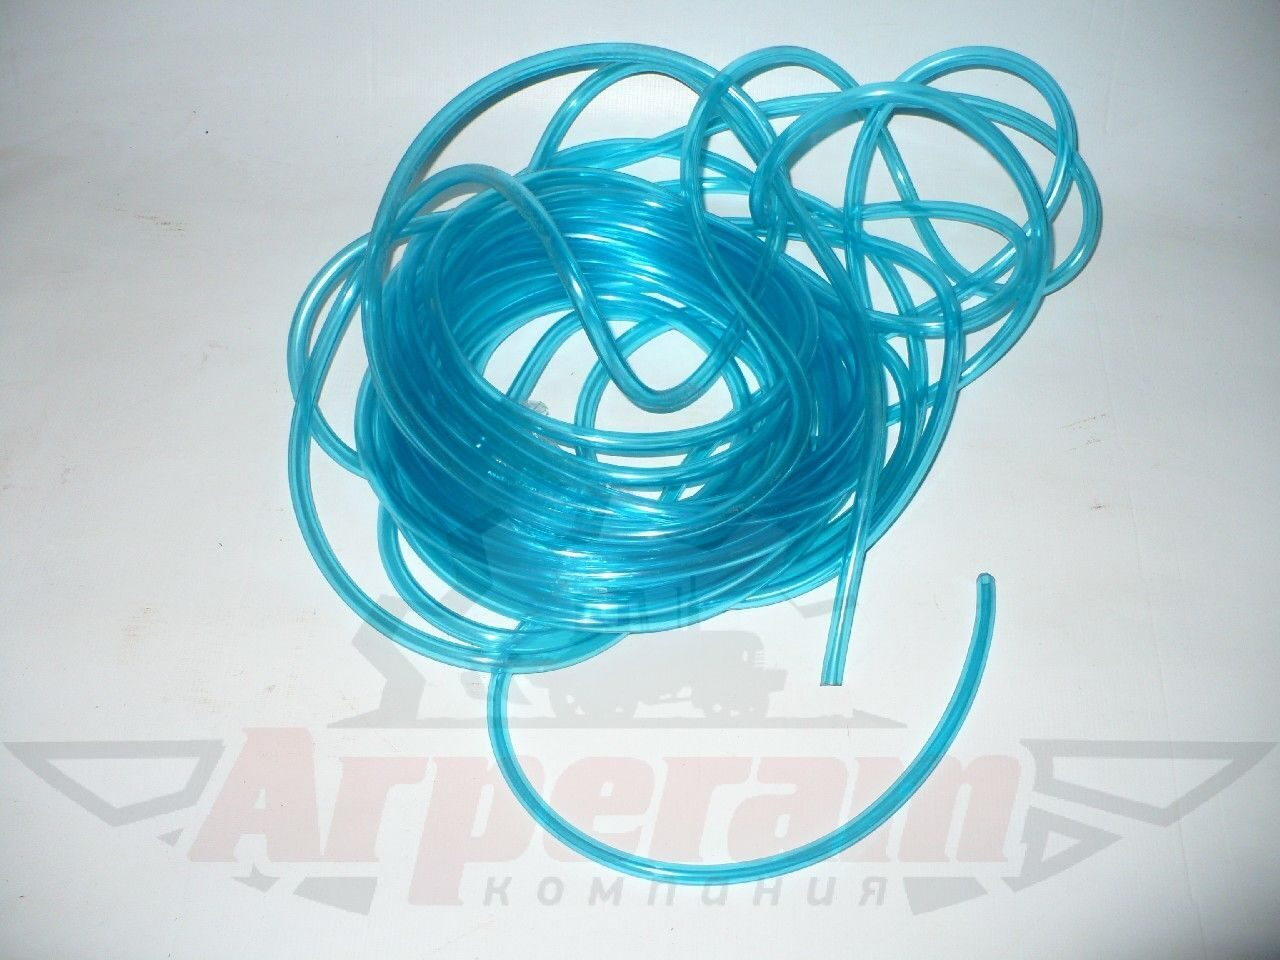 Топливопровод обратки 70-1104180 - 1.3 Топливная система.